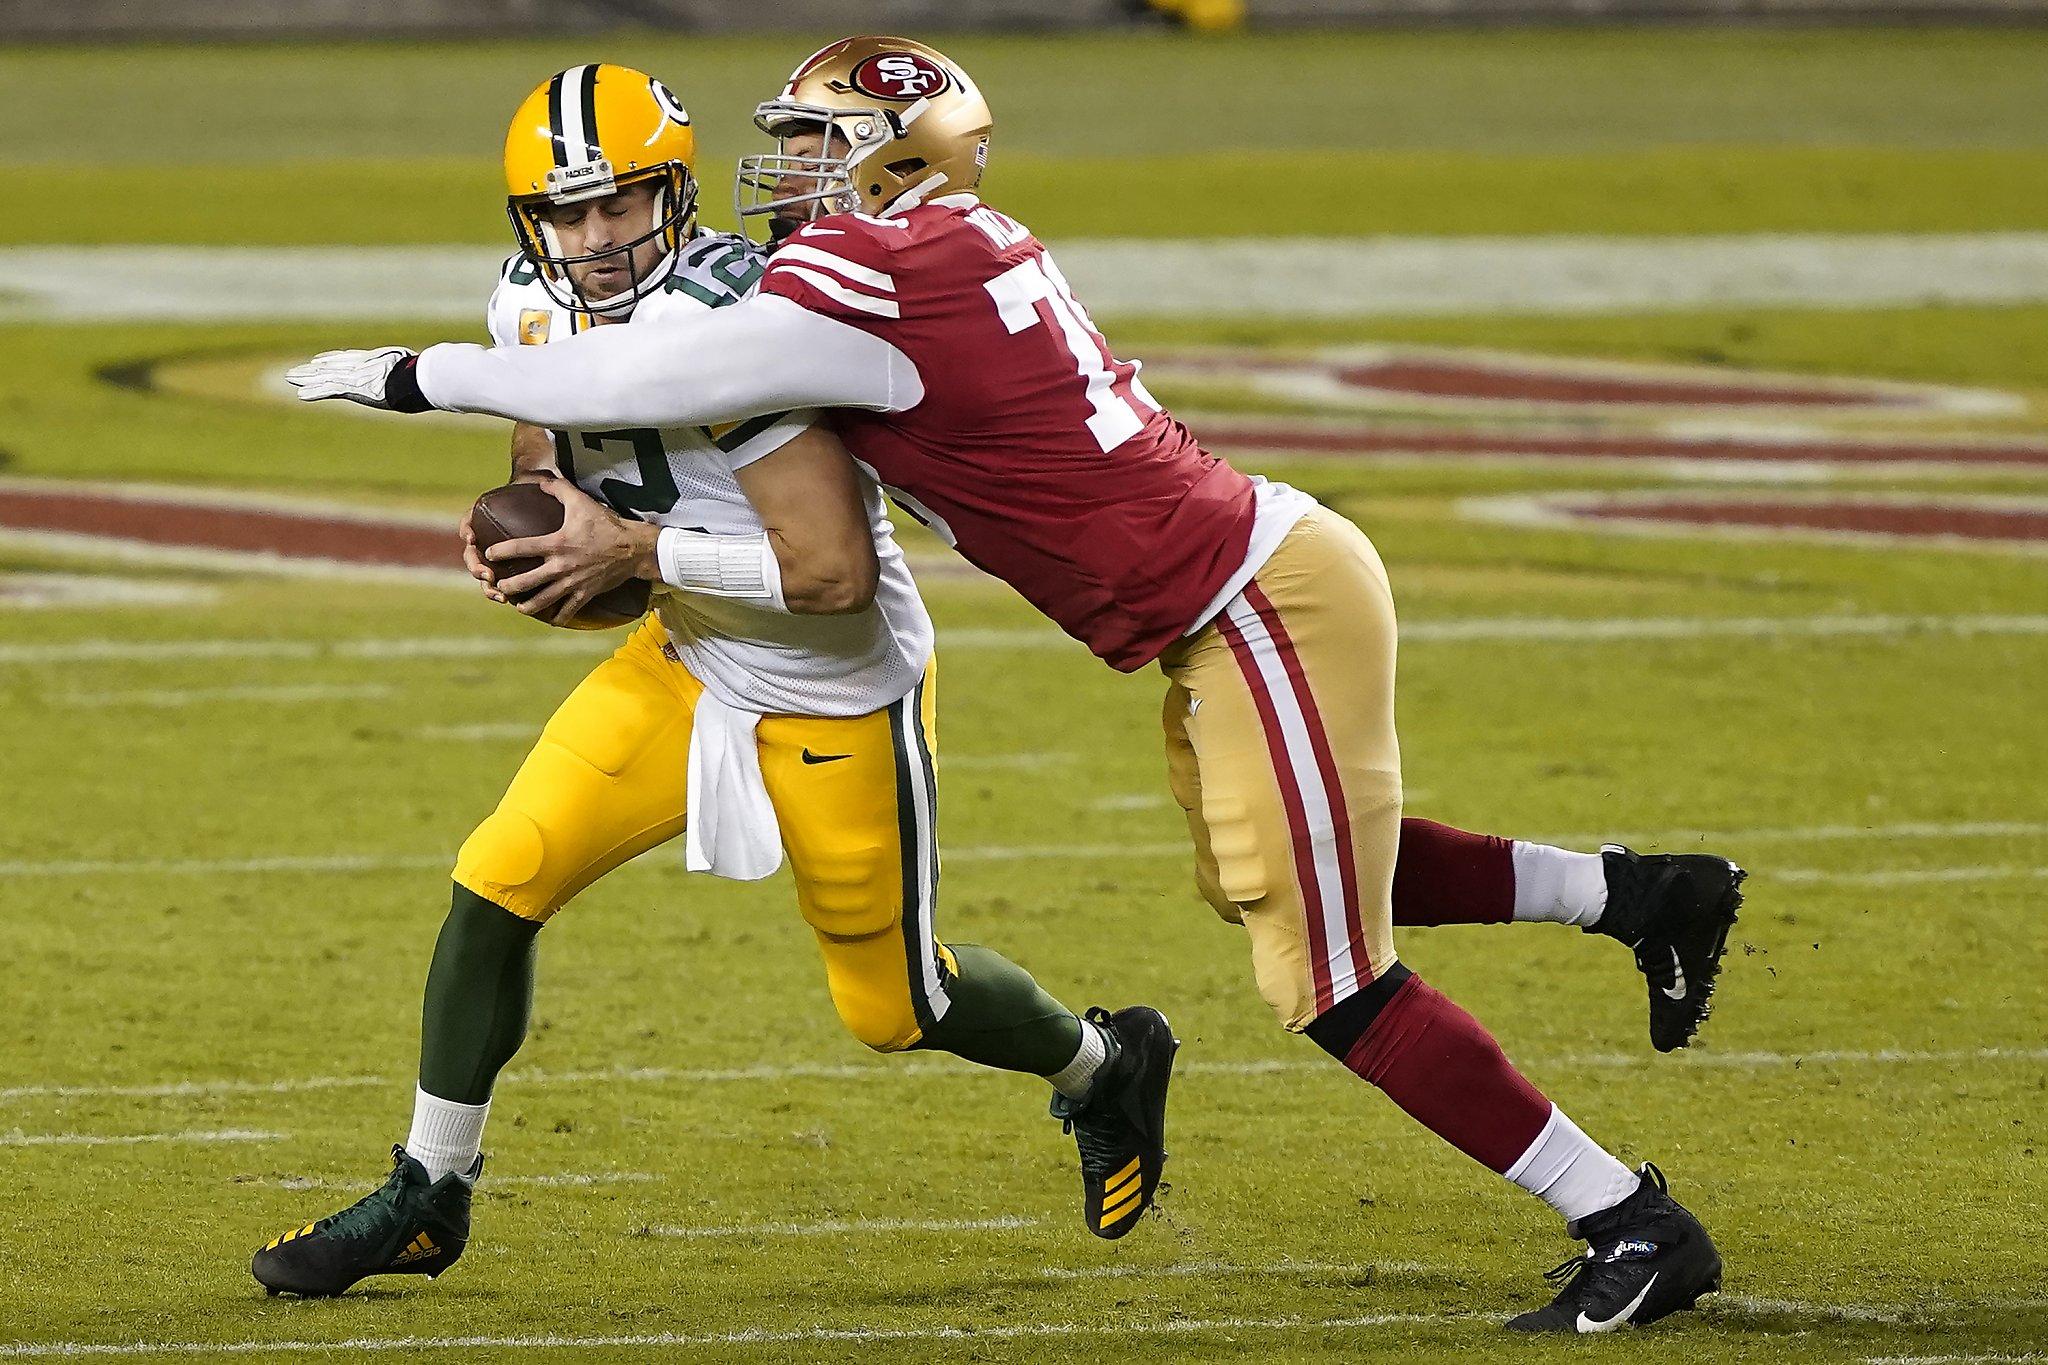 NFL suspends 49ers D-lineman Jordan Willis for doping